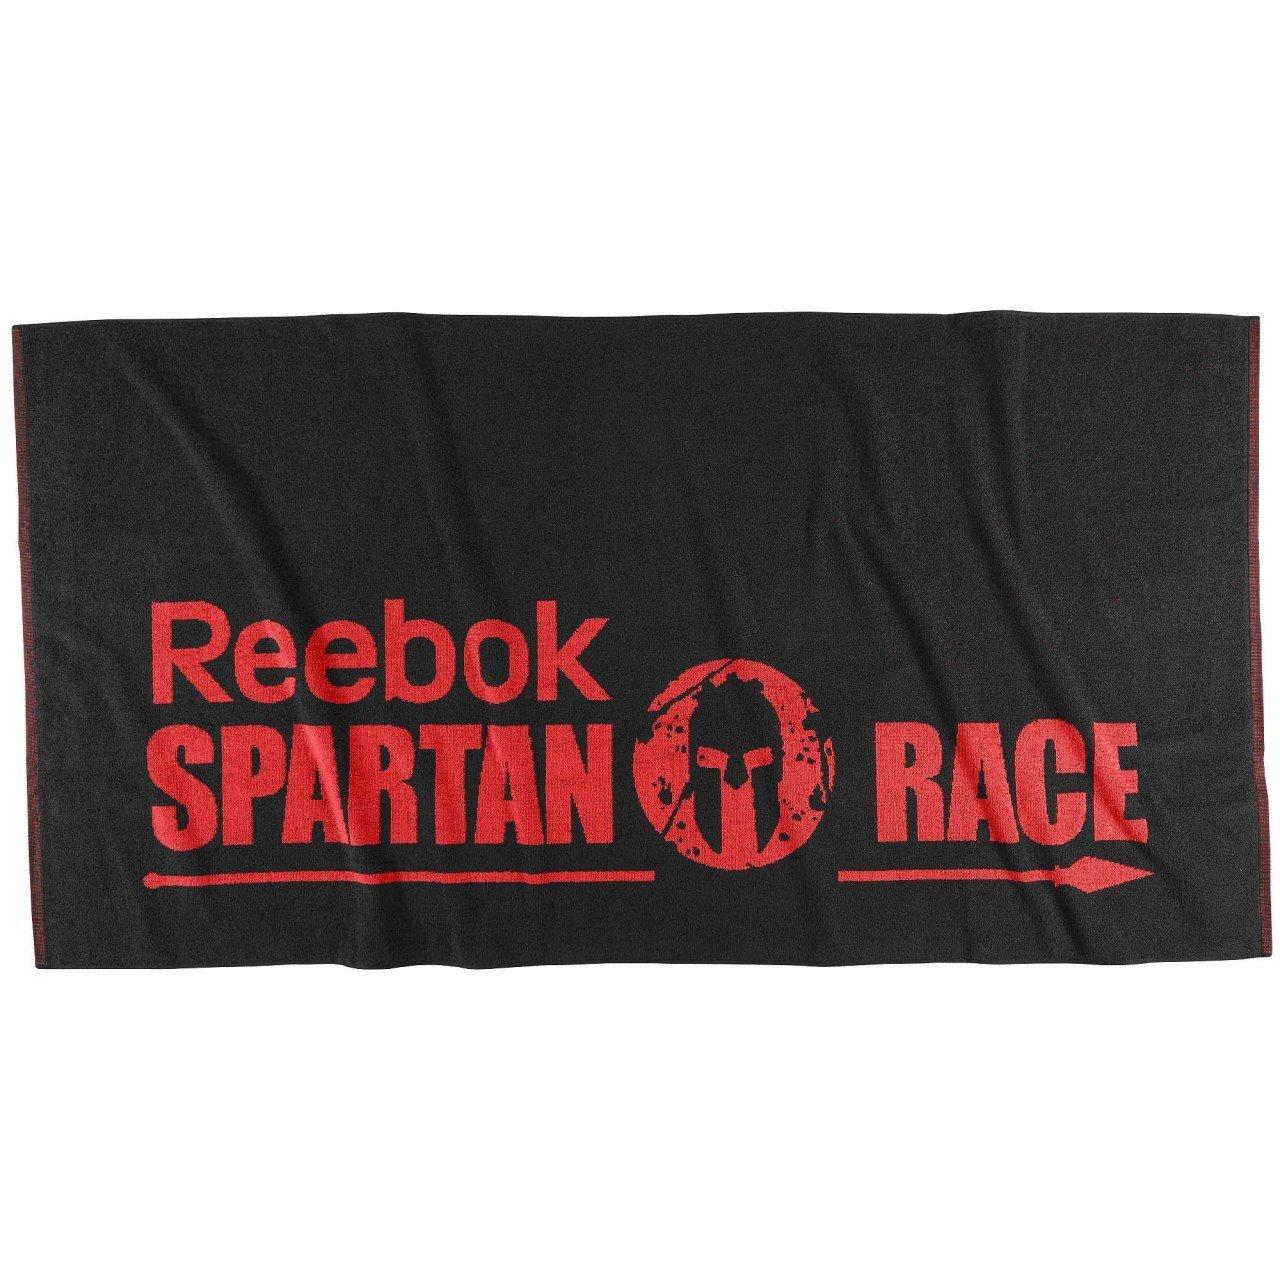 Das original Spartan-Race-Handtuch können Sie hier bestellen!!